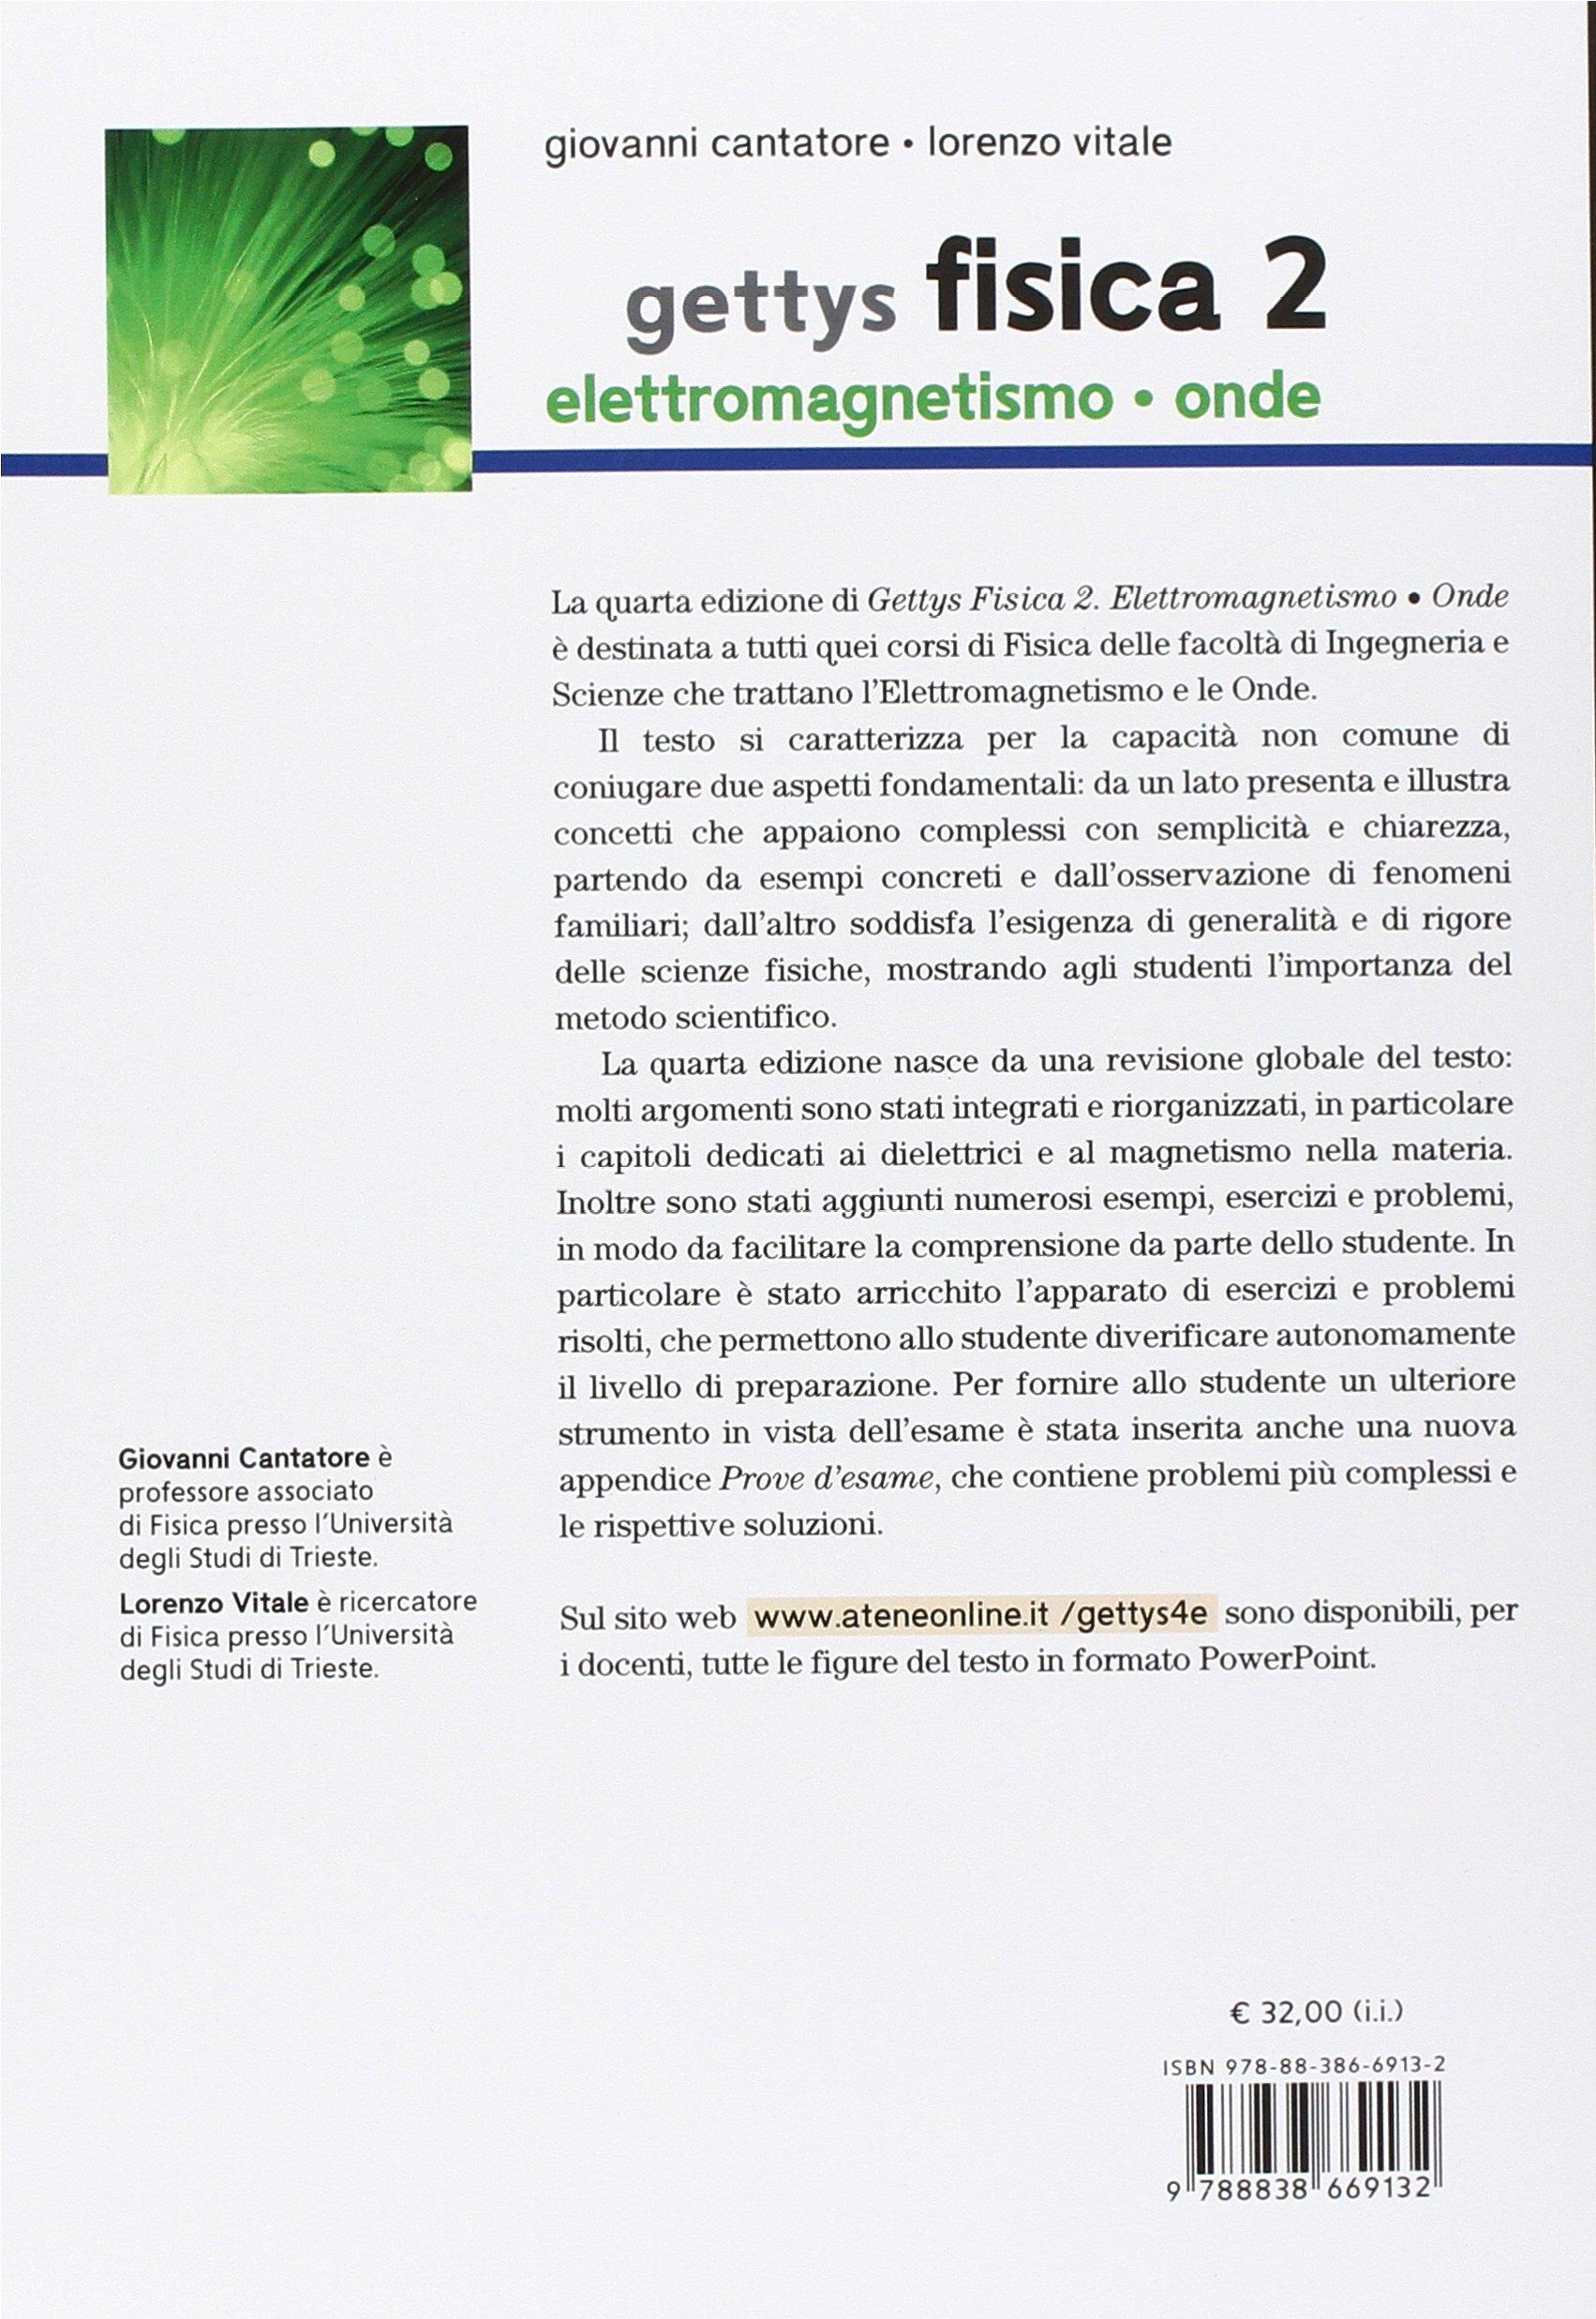 9c06e2d0c36 Amazon.it  Gettys fisica  2 - Giovanni Cantatore